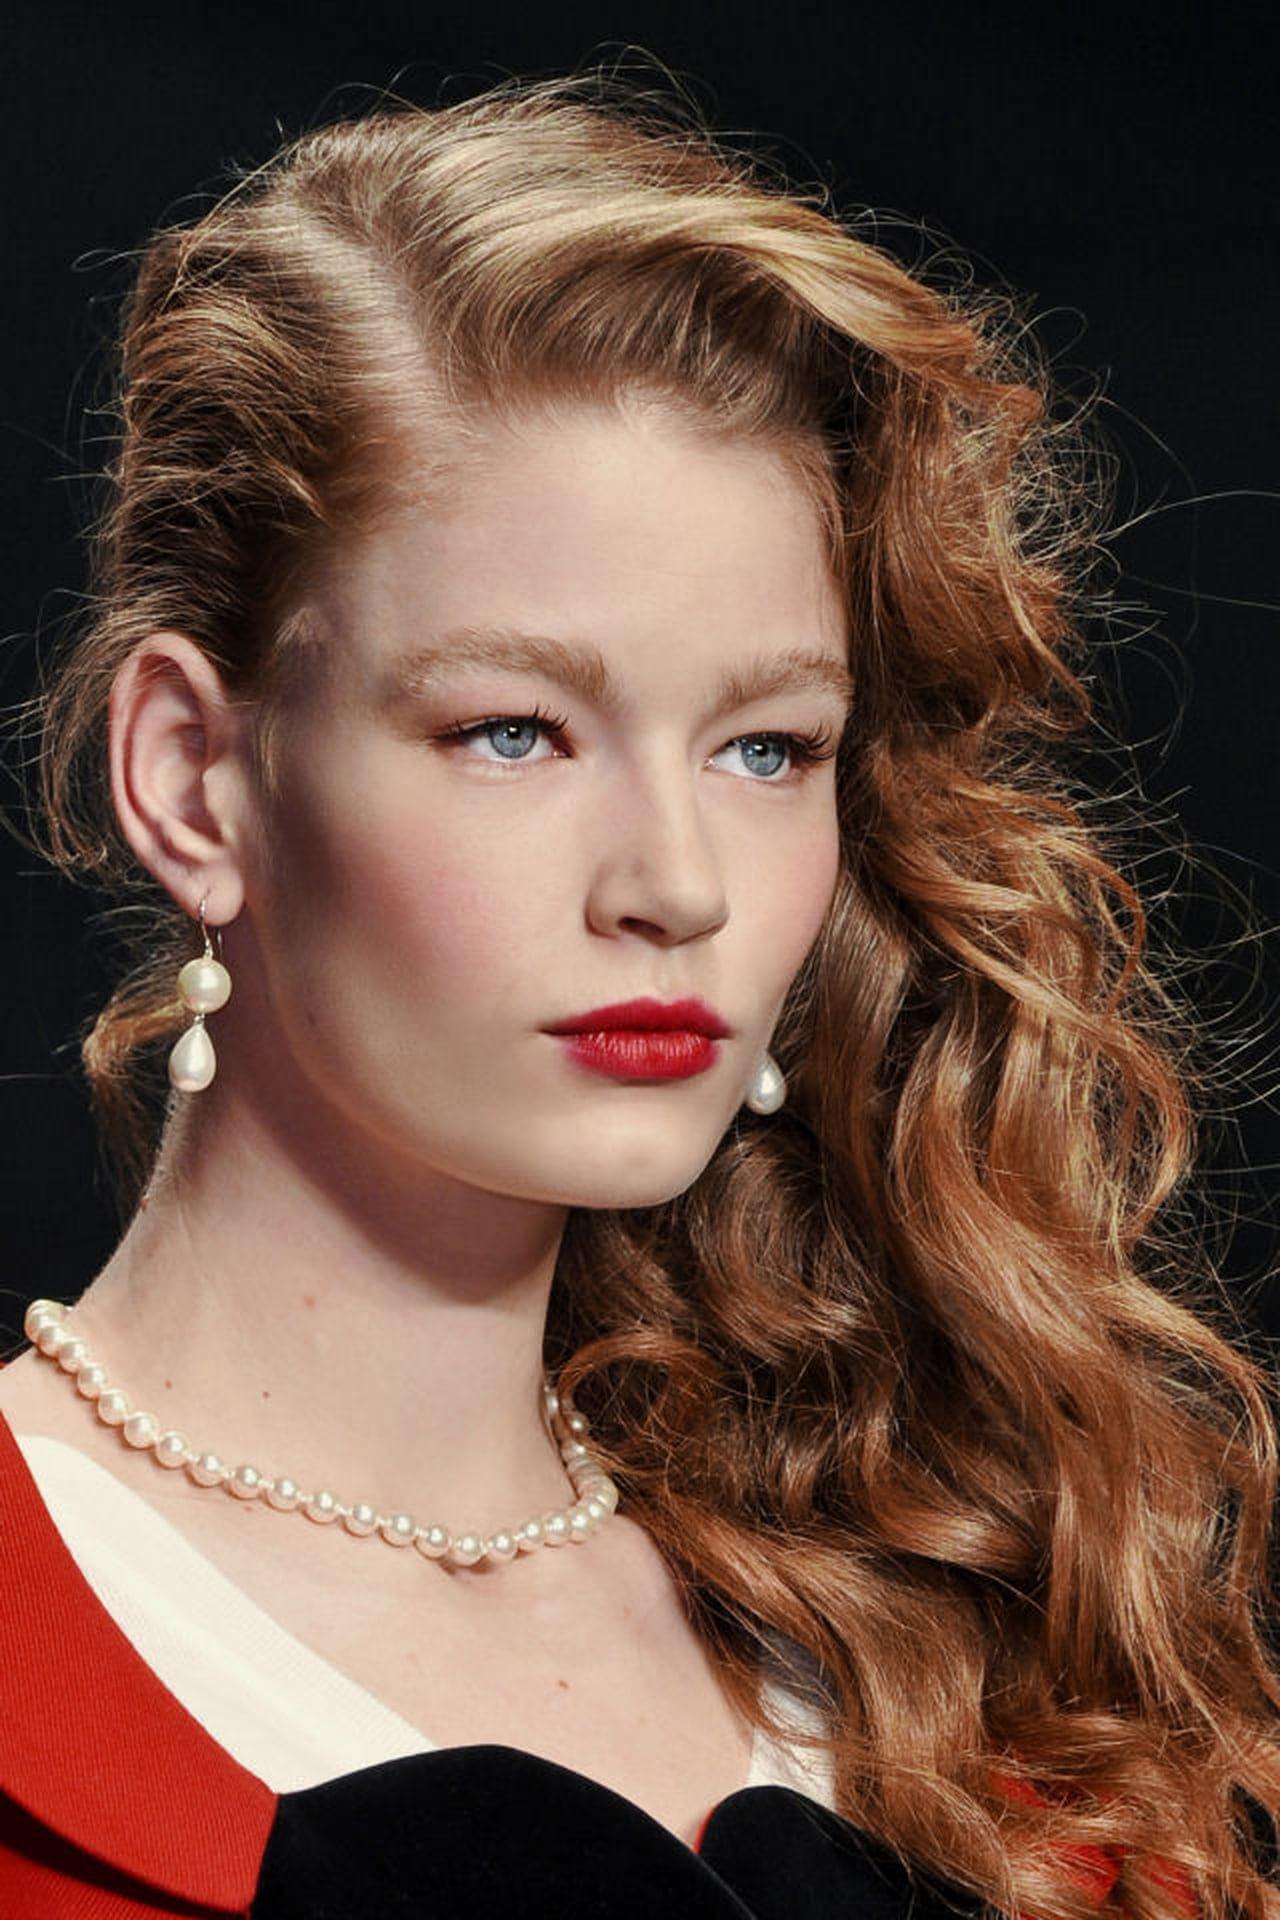 Acconciature capelli ricci: come domarli in modo glamour ...